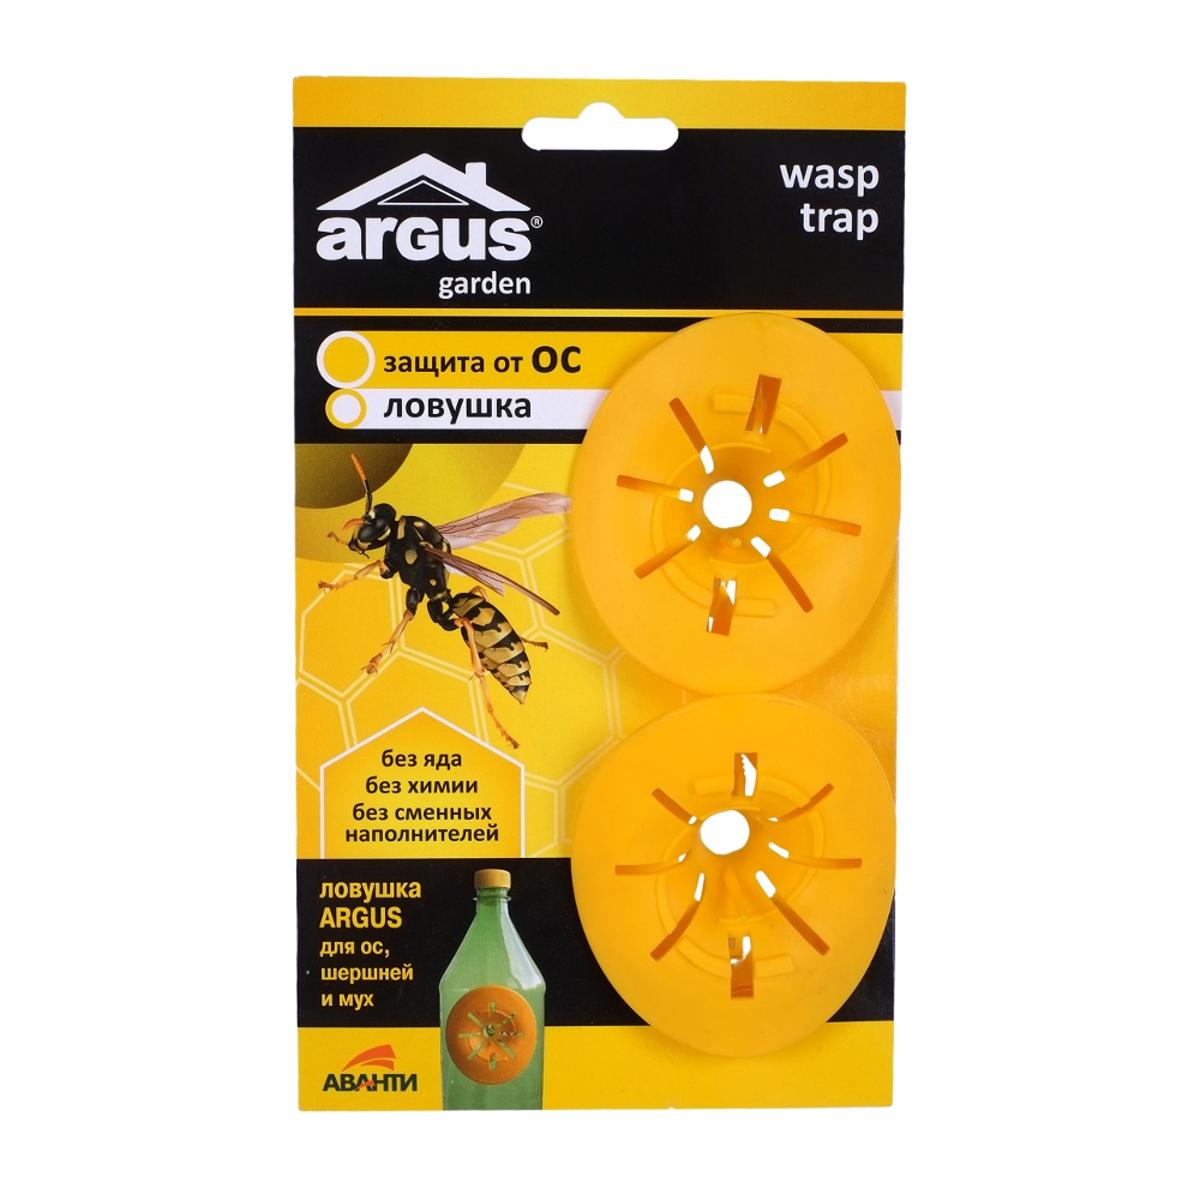 Ловушка для ос, шершней и мух Argus, вставка в бутылку, 2 штRC-100BPCЛовушка Argus - это эффективный и экологически чистый способ отлова ос, шершней и мух . Не содержит яда и химии. Ловушка в виде вставки в бутылку предназначена для использования на открытом воздухе. Попав внутрь ловушки, насекомые уже не смогут выбраться.